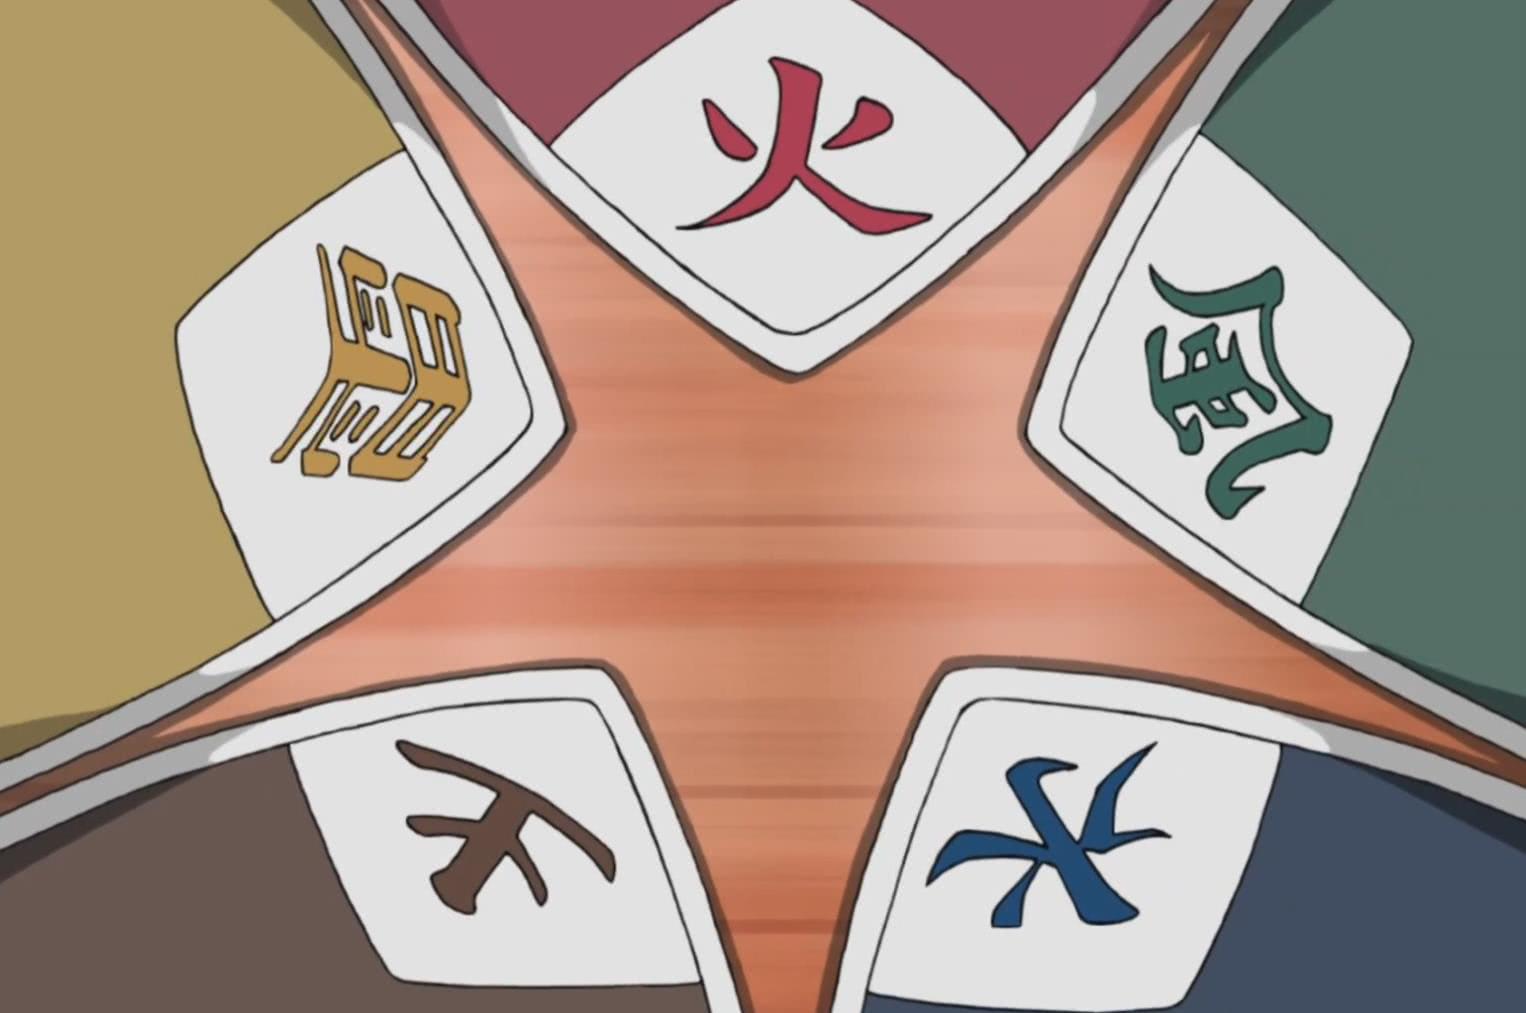 <b>火影:5大国第几代影的整体实力最强?这5个影堪称神仙阵容</b>